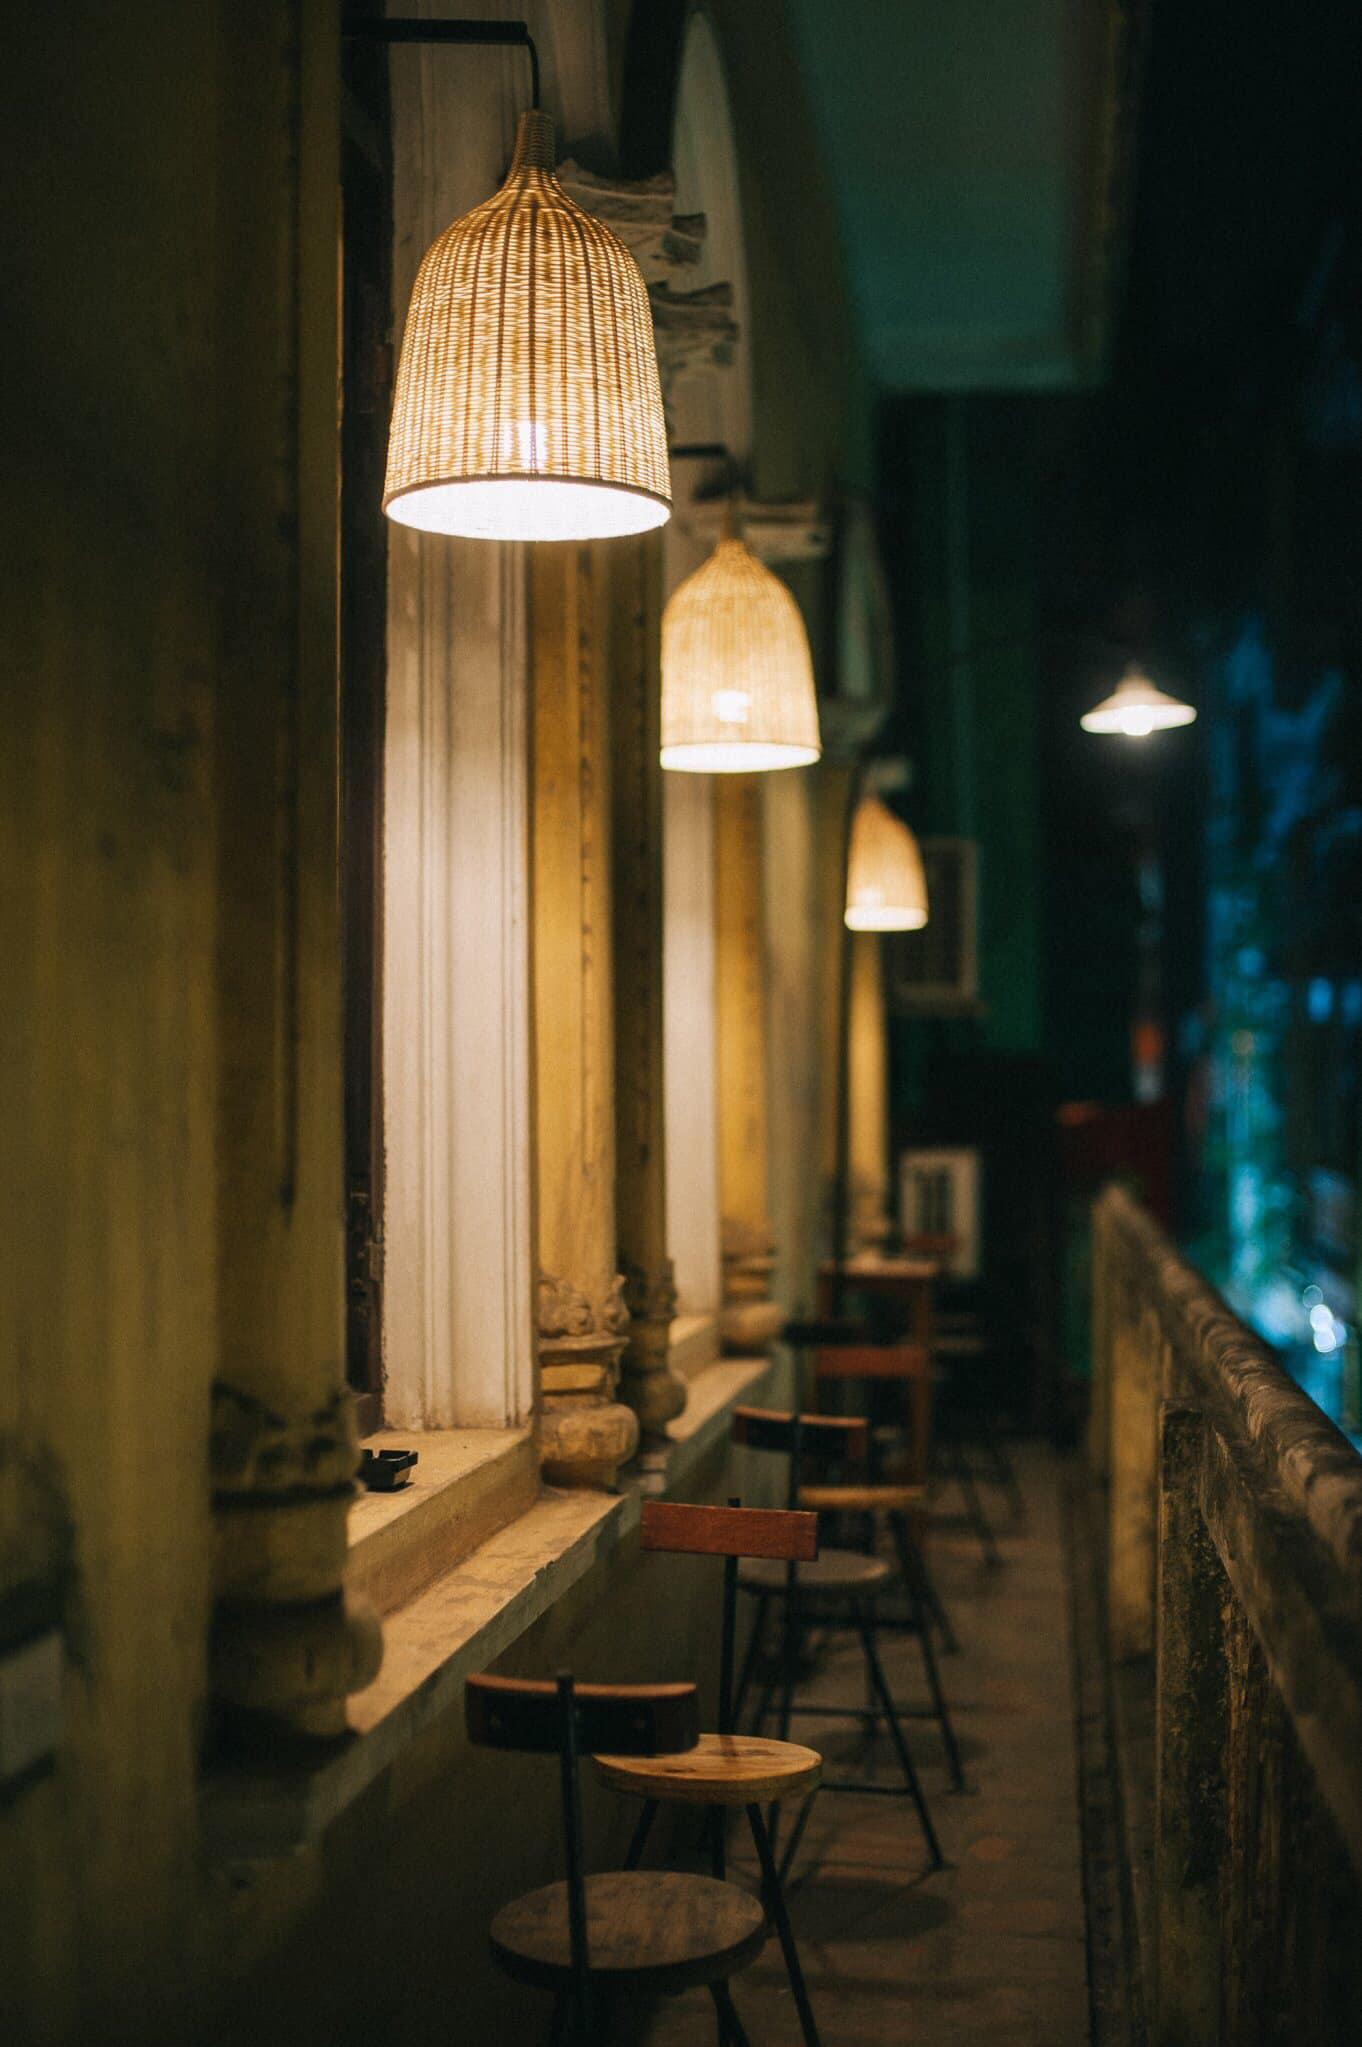 Dịp Tết Dương lịch, ghé thăm những quán cà phê mang phong cách cổ xưa tại Hà Nội  - Ảnh 12.